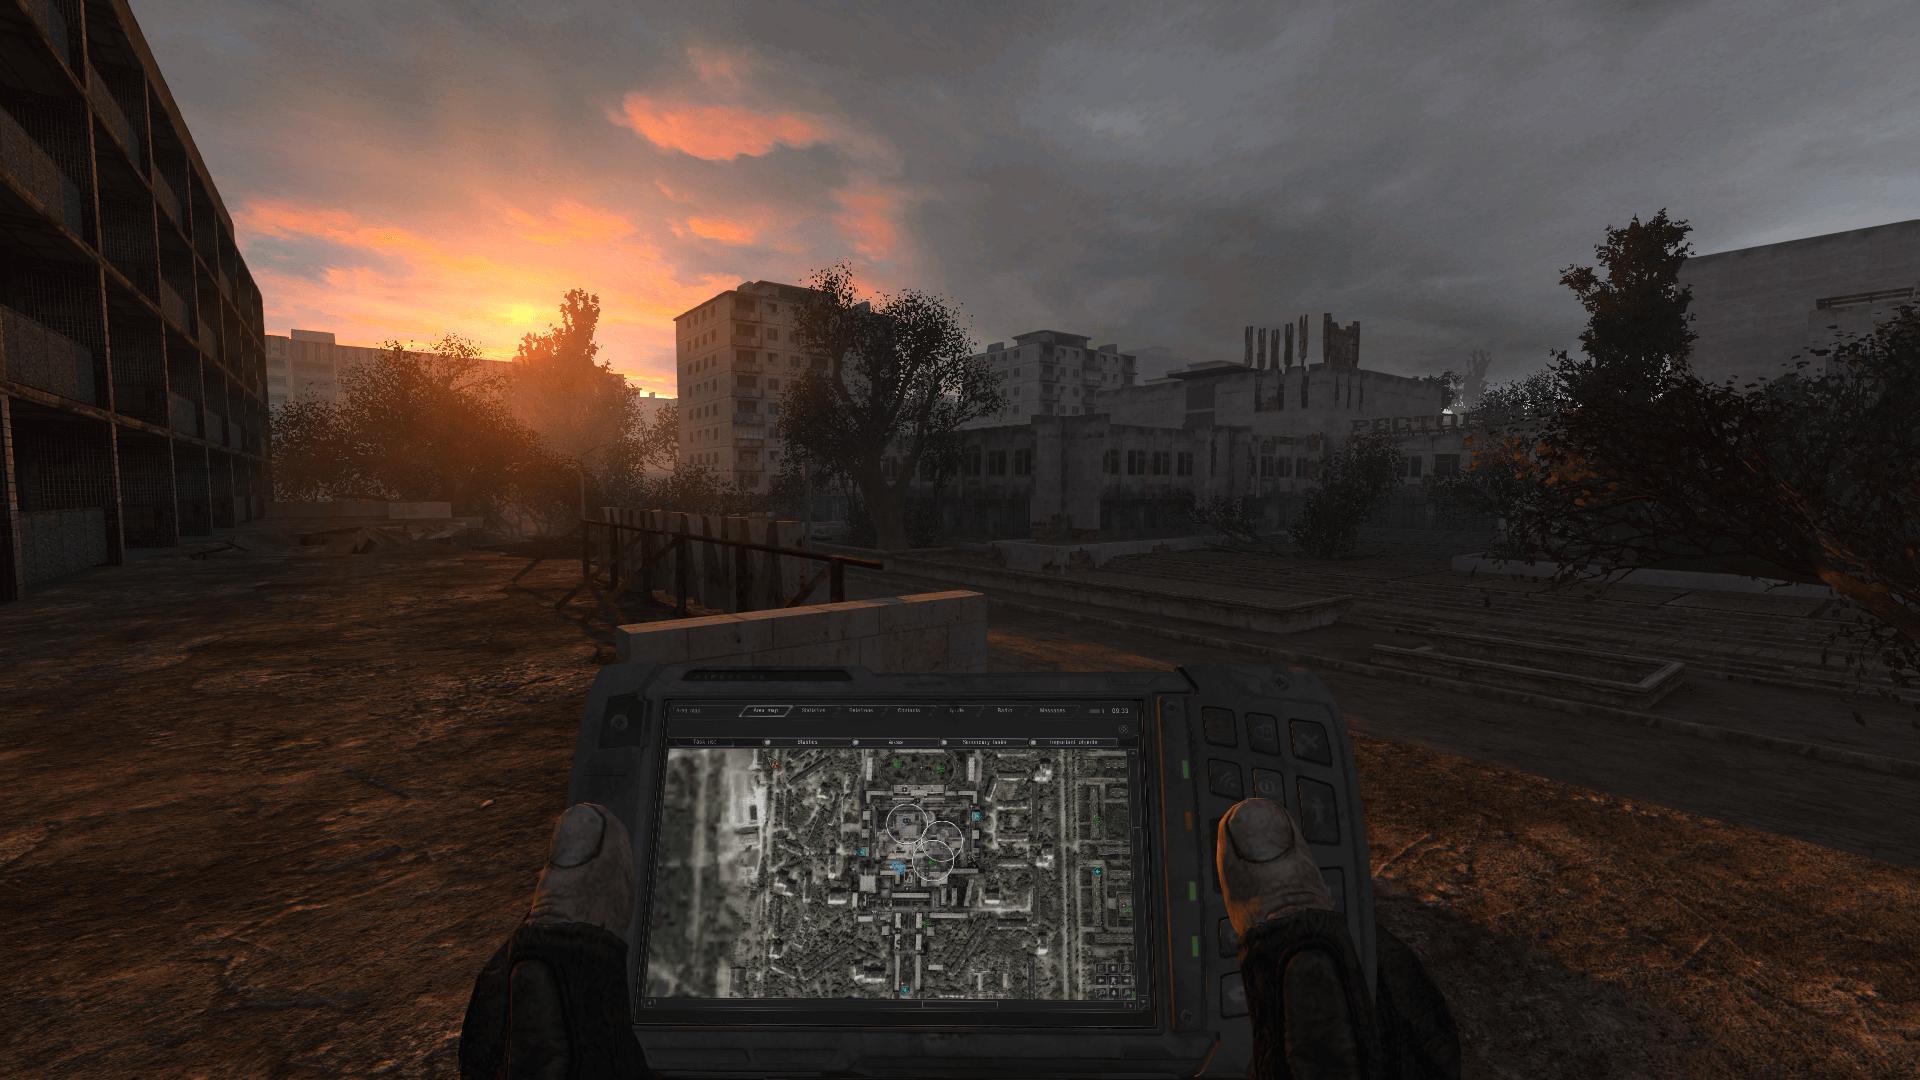 Juega al Original Stalker gratis a través de este Mod mientras esperas a Stalker 2: Heart of Chernobyl